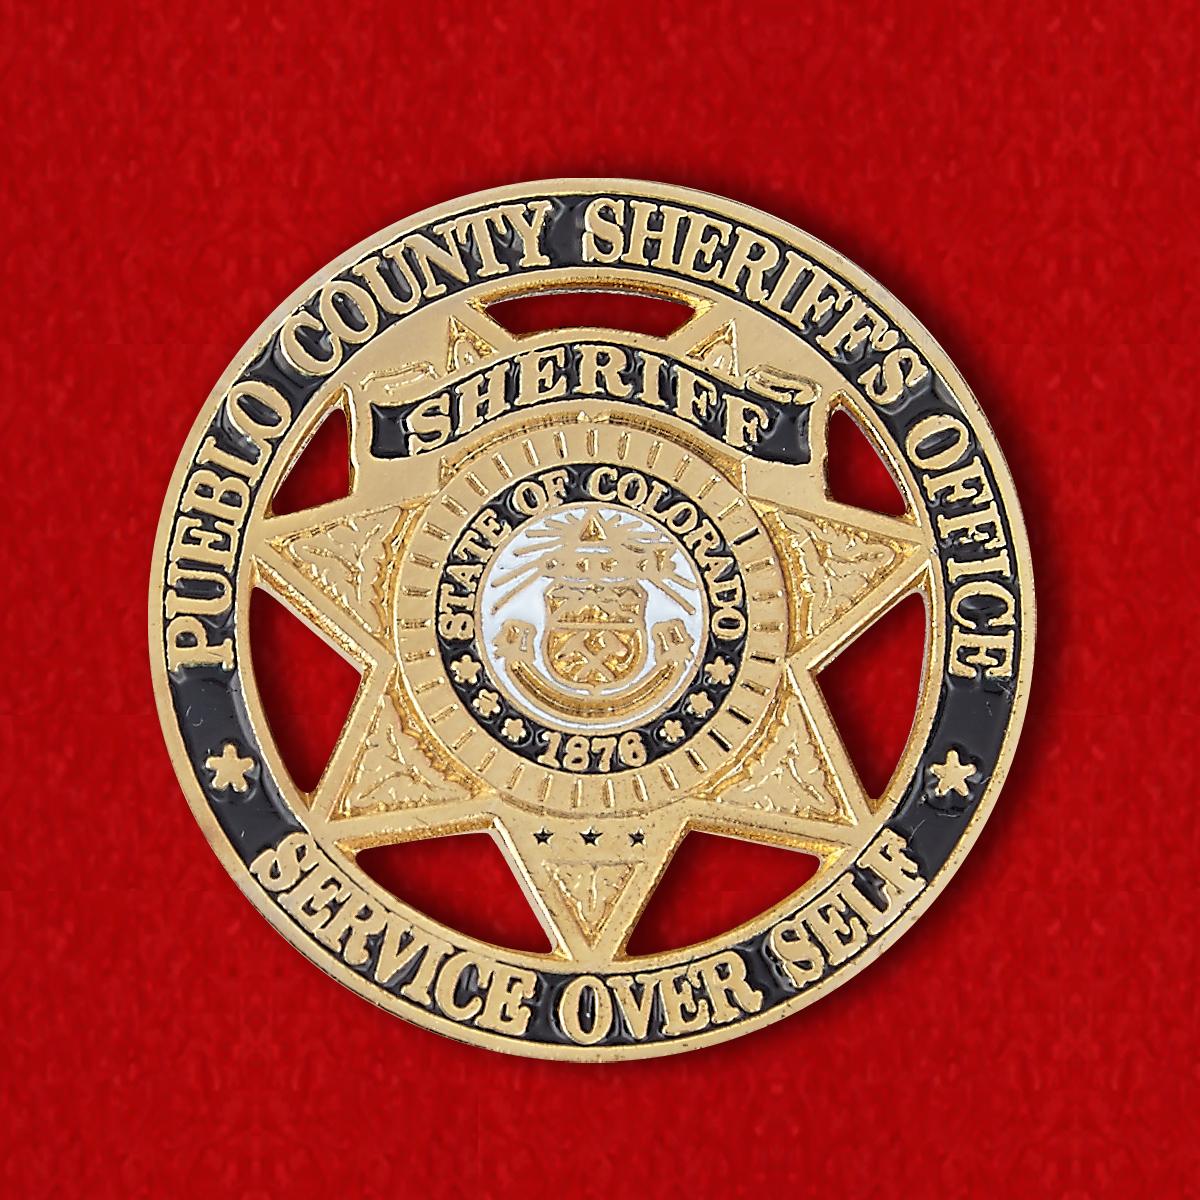 Нагрудный знак сотрудников офиса шерифа округа Пуэбло, штат Колорадо, США